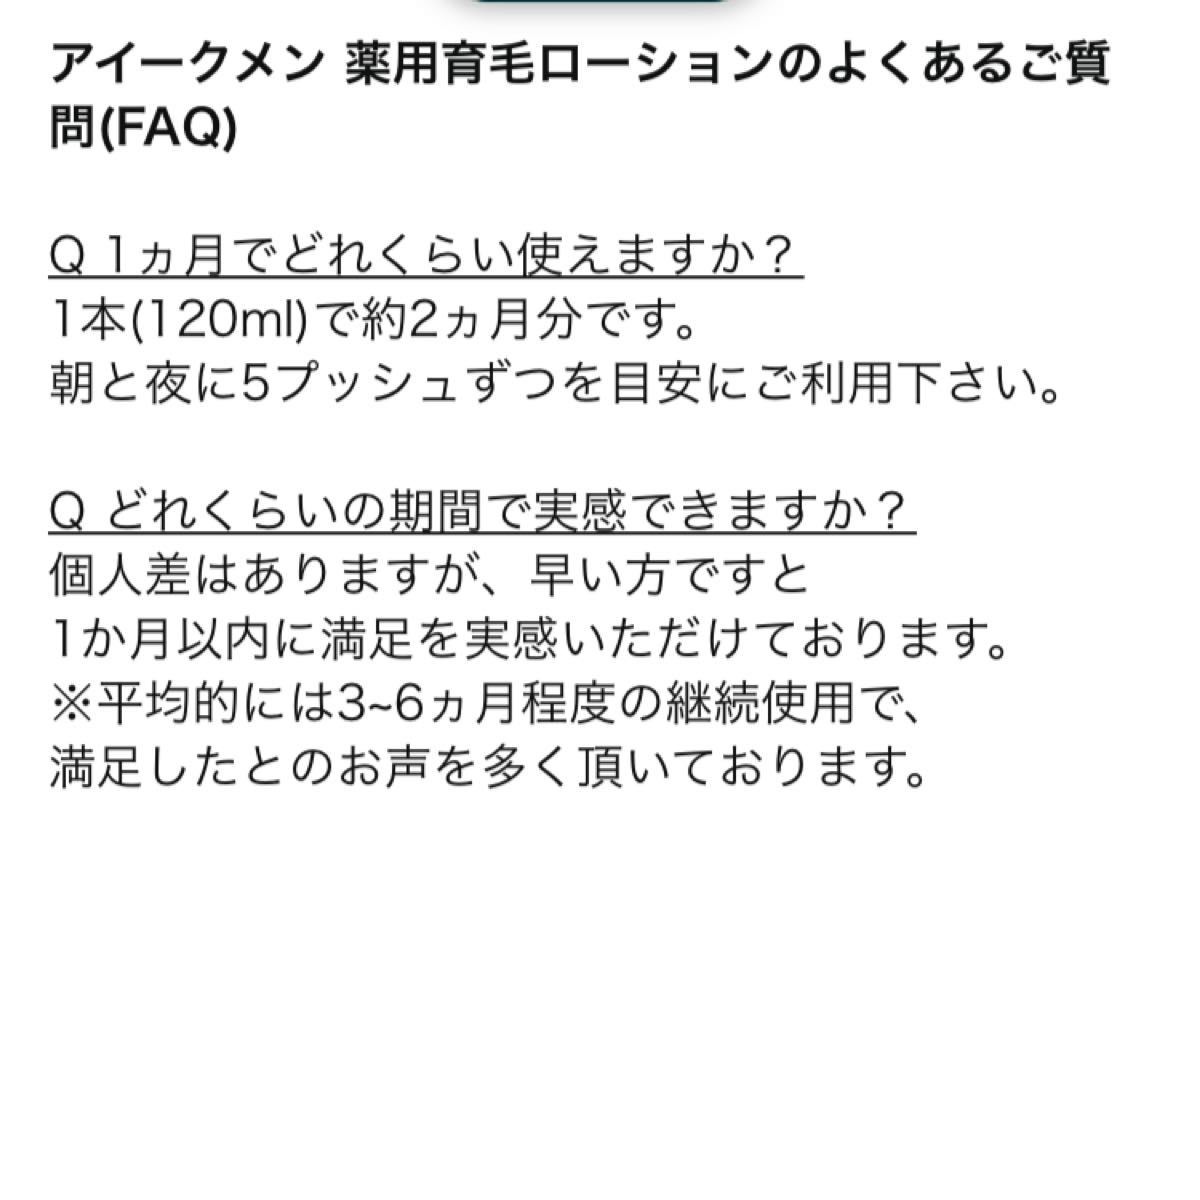 【値下】アイークメン 薬用育毛ローション 120mL 無香料 育毛剤 男性用 発毛促進 (医薬部外品)